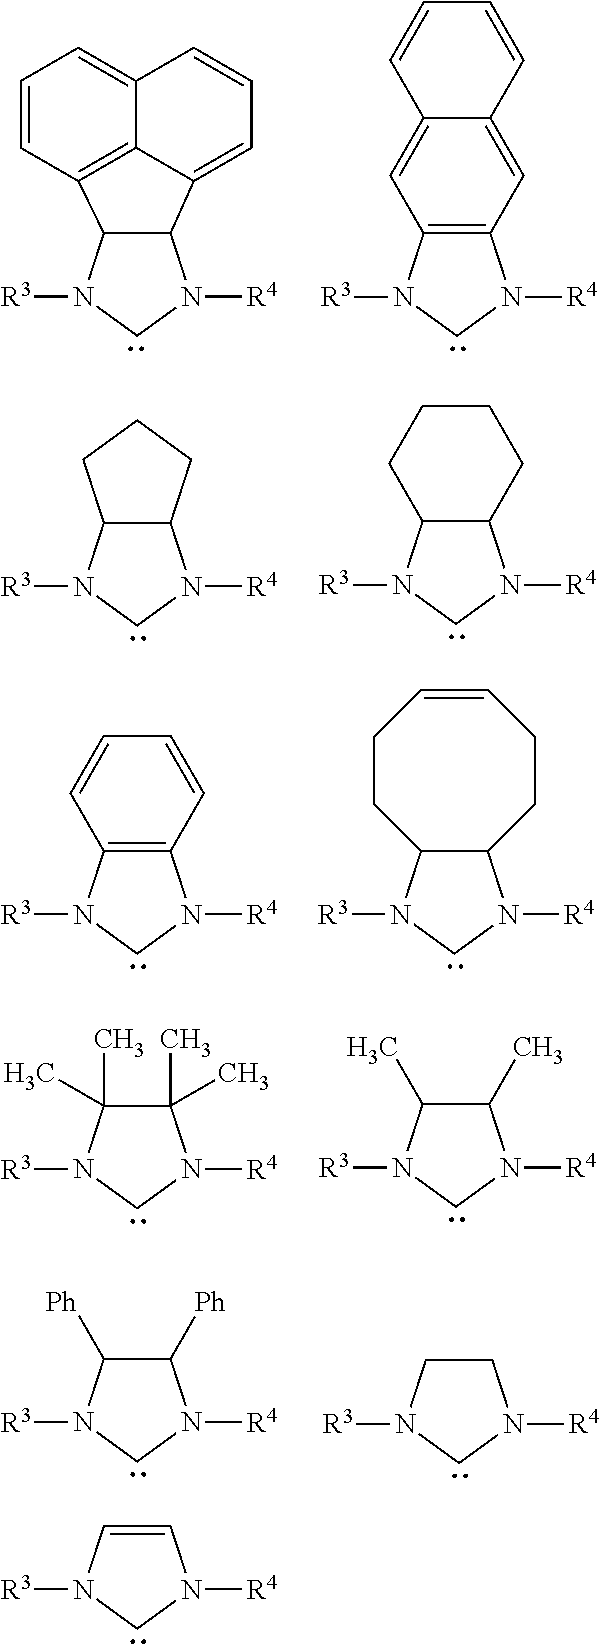 Figure US09012385-20150421-C00012